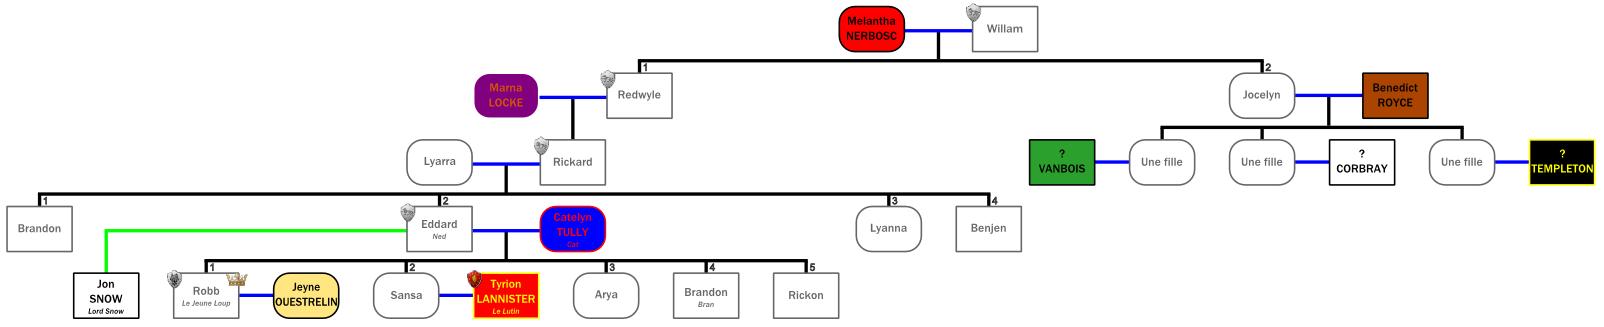 Les descendants de Willam Stark (Crédits : la Garde de Nuit)